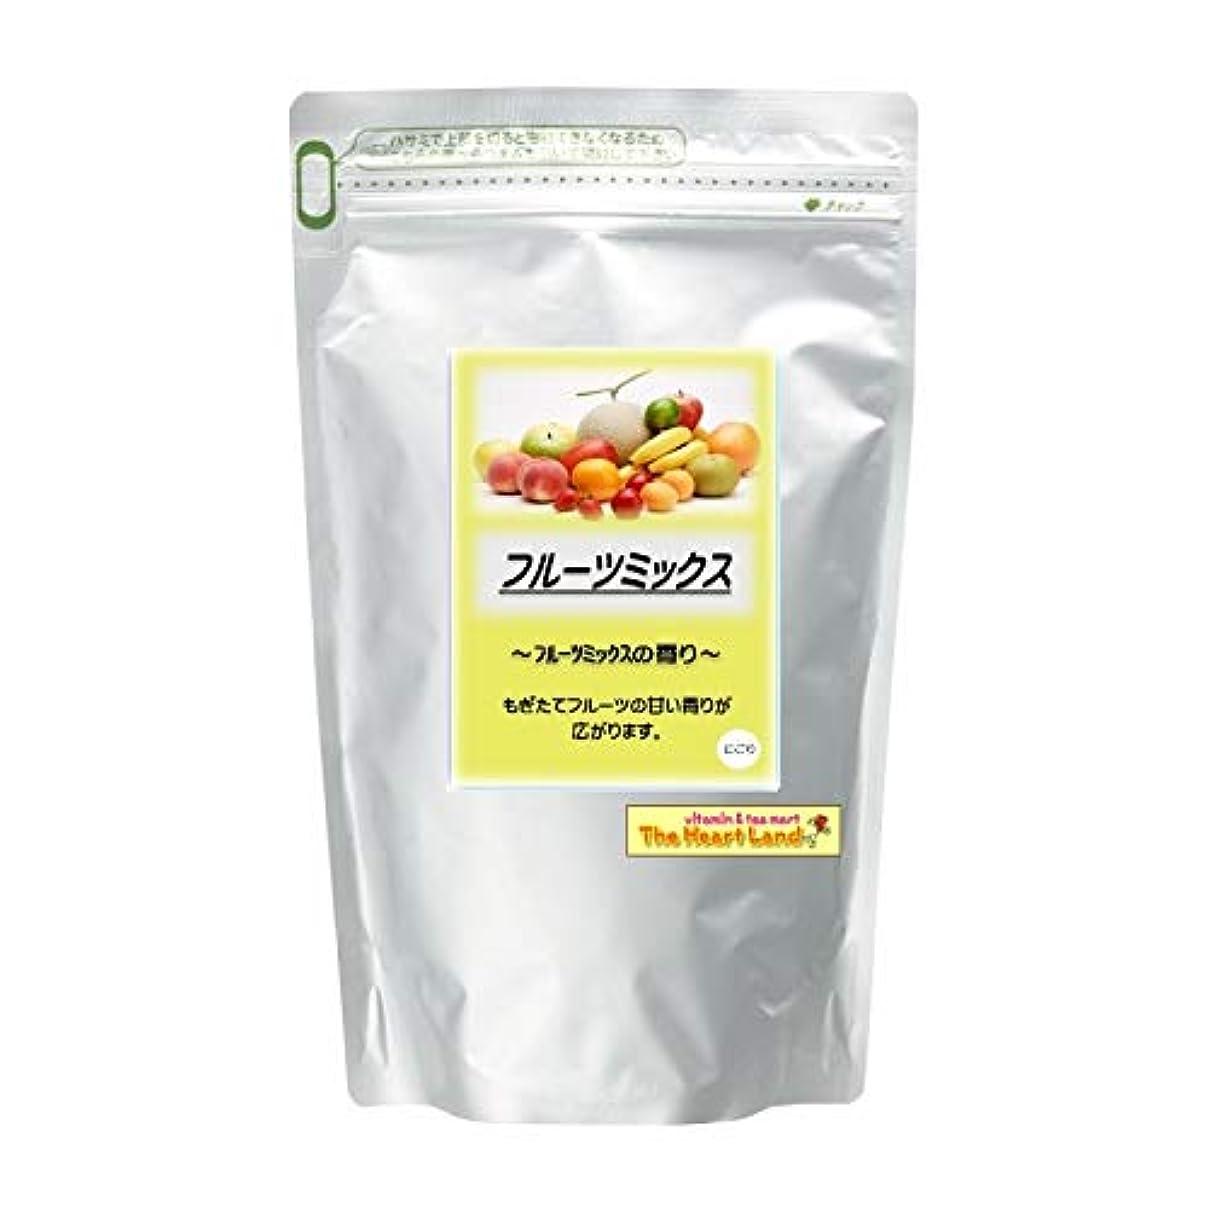 気楽な良性インフルエンザアサヒ入浴剤 浴用入浴化粧品 フルーツミックス 2.5kg